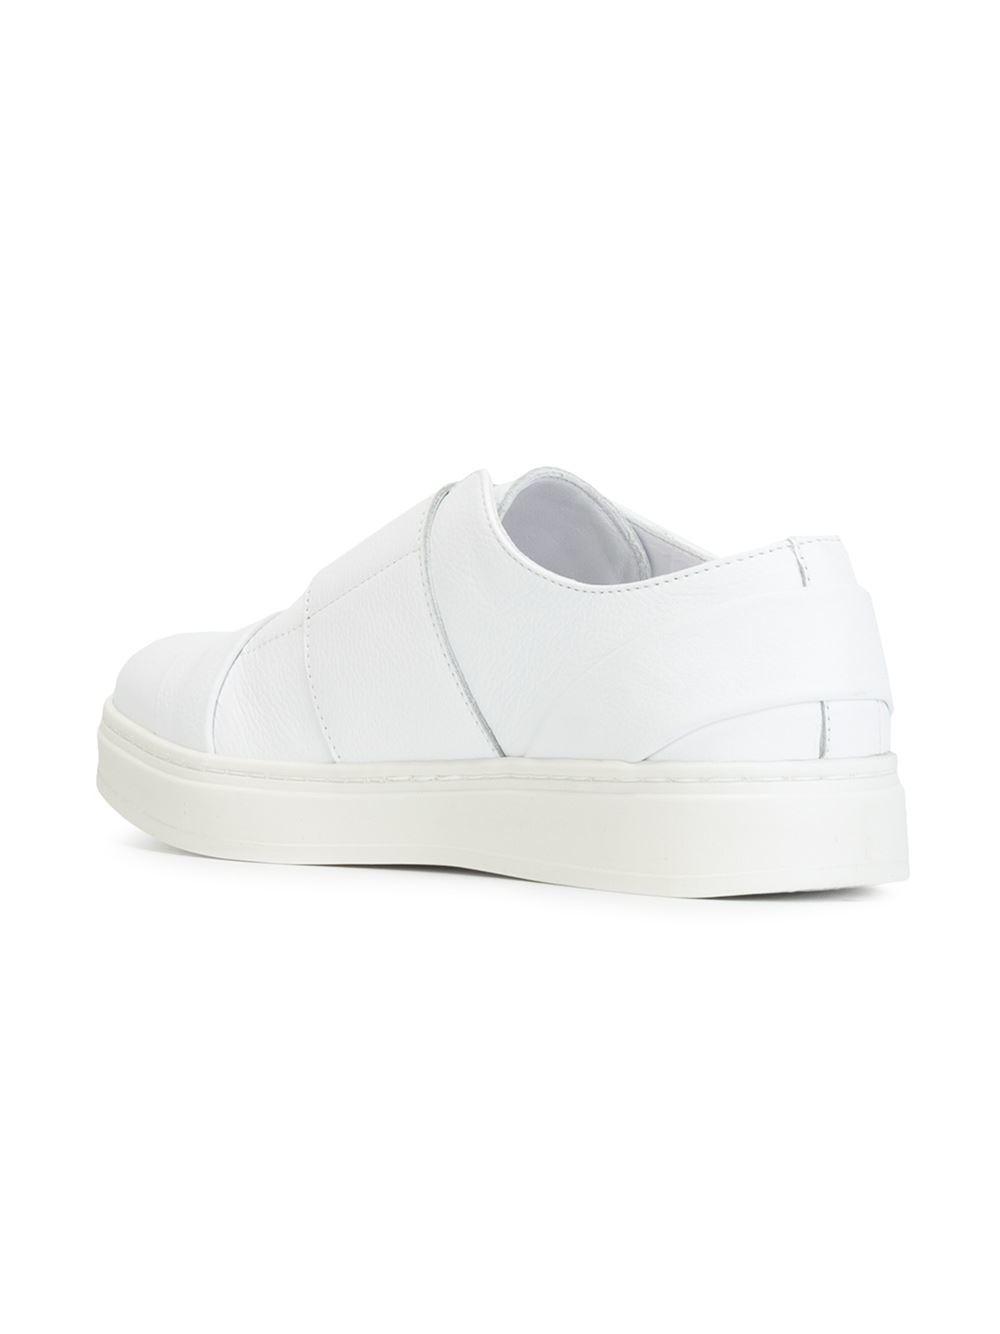 Search Mens Achilles Ion Gabriel Velcro Strap Sneakers Best